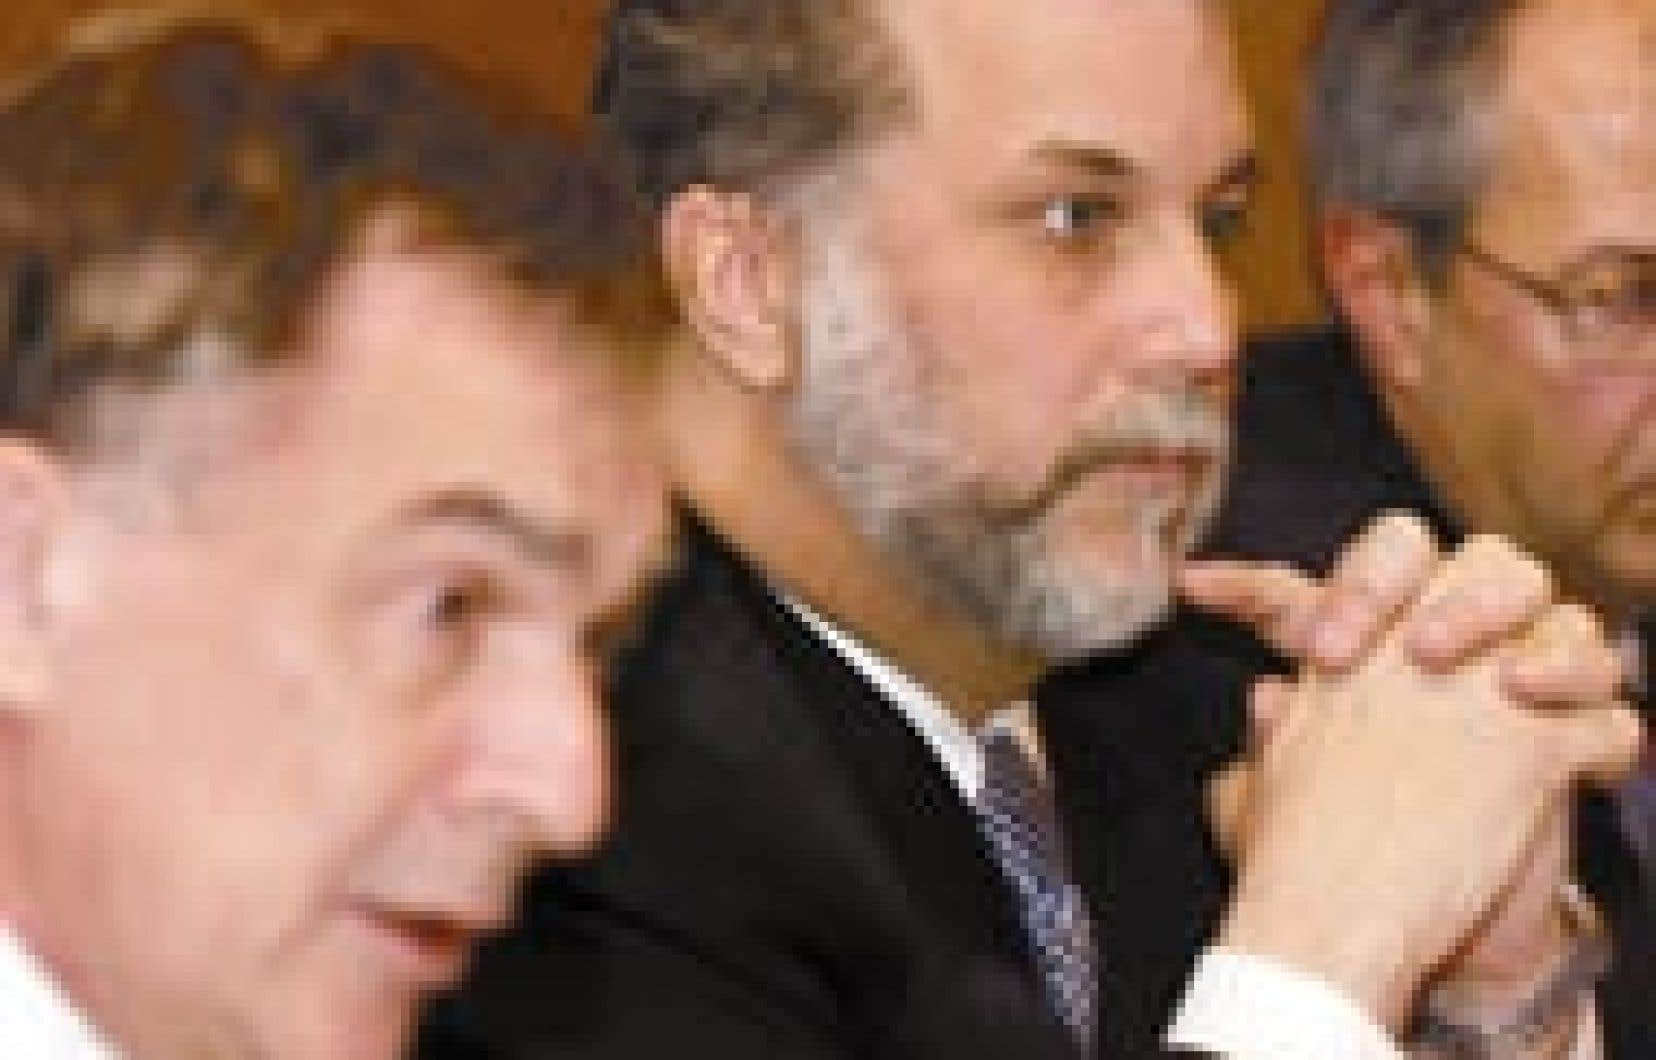 Le président de la Fédération des médecins omnipraticiens du Québec (FMOQ), Renald Dutil, et le ministre de la Santé, Philippe Couillard, ont conclu une entente pour inciter des médecins à s'installer d'abord dans les régions où la pénurie